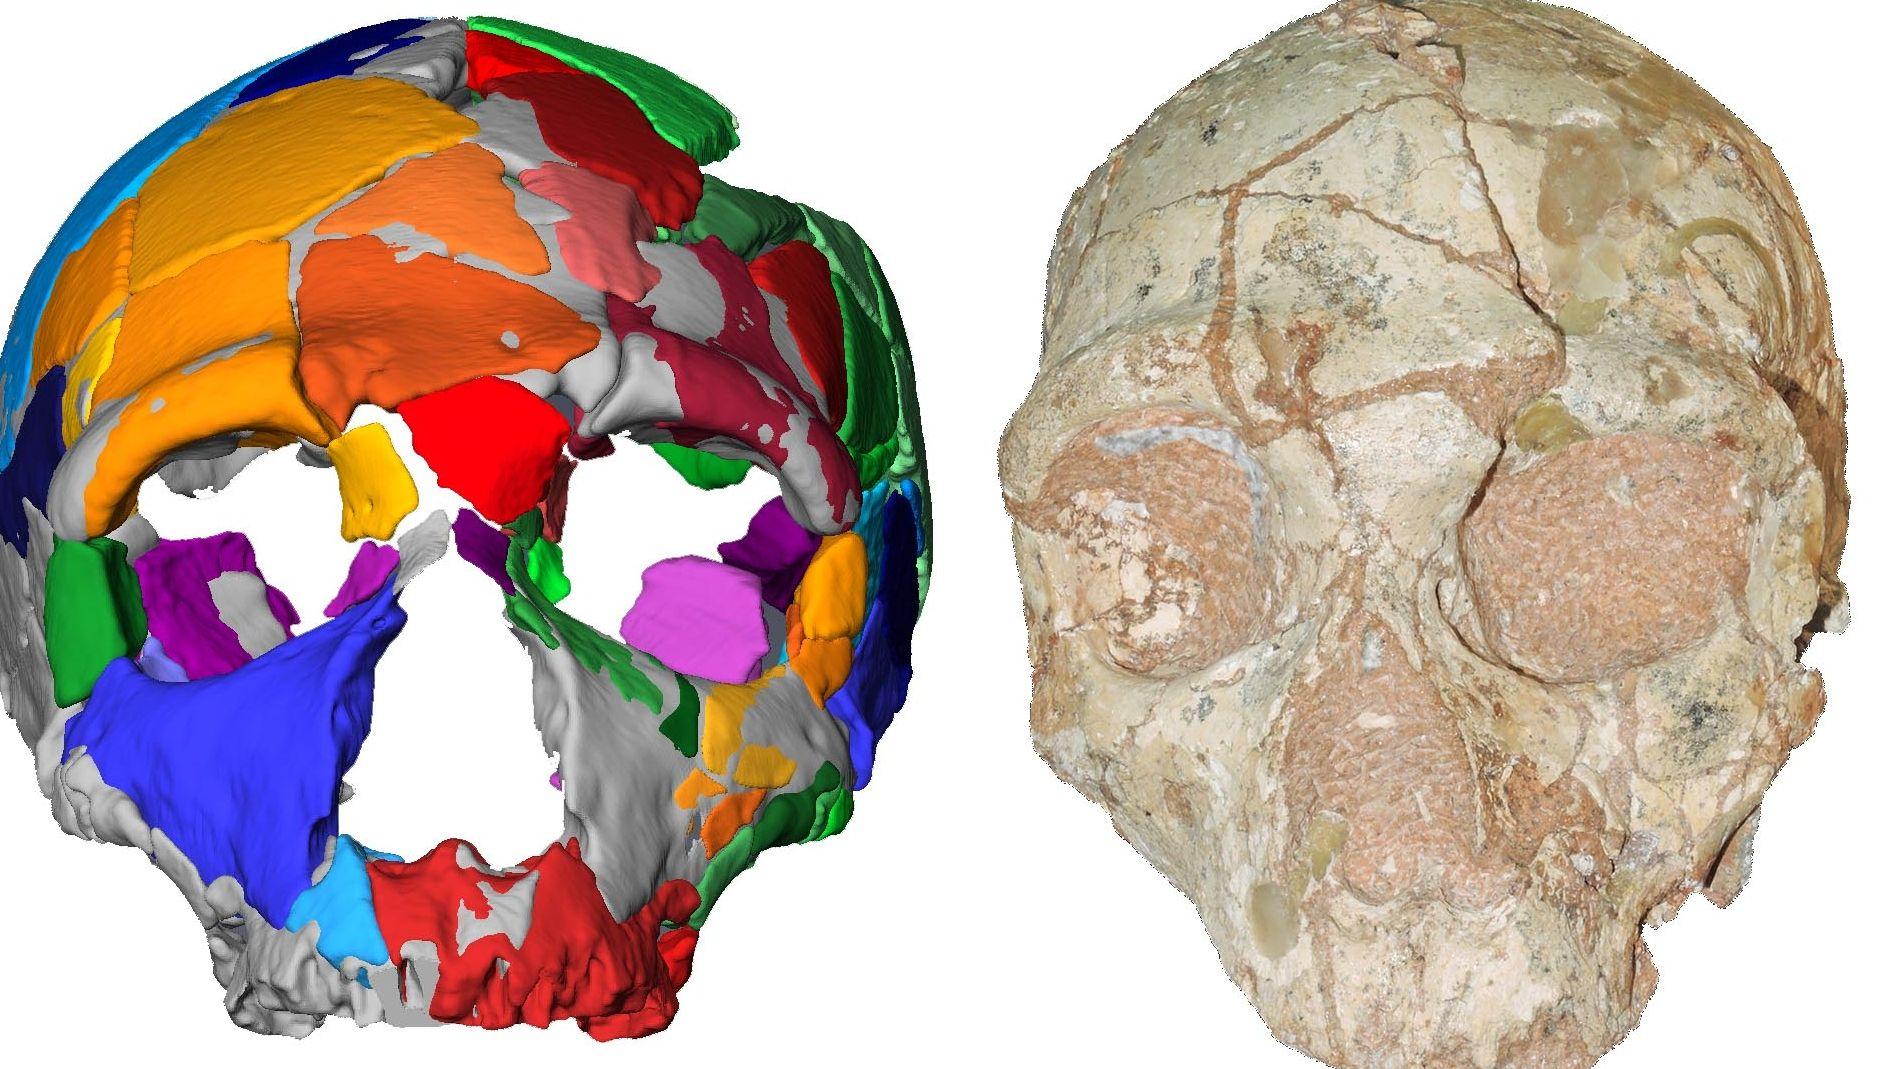 Das virtuelle Bild lässt auf einen Neandertaler schließen.